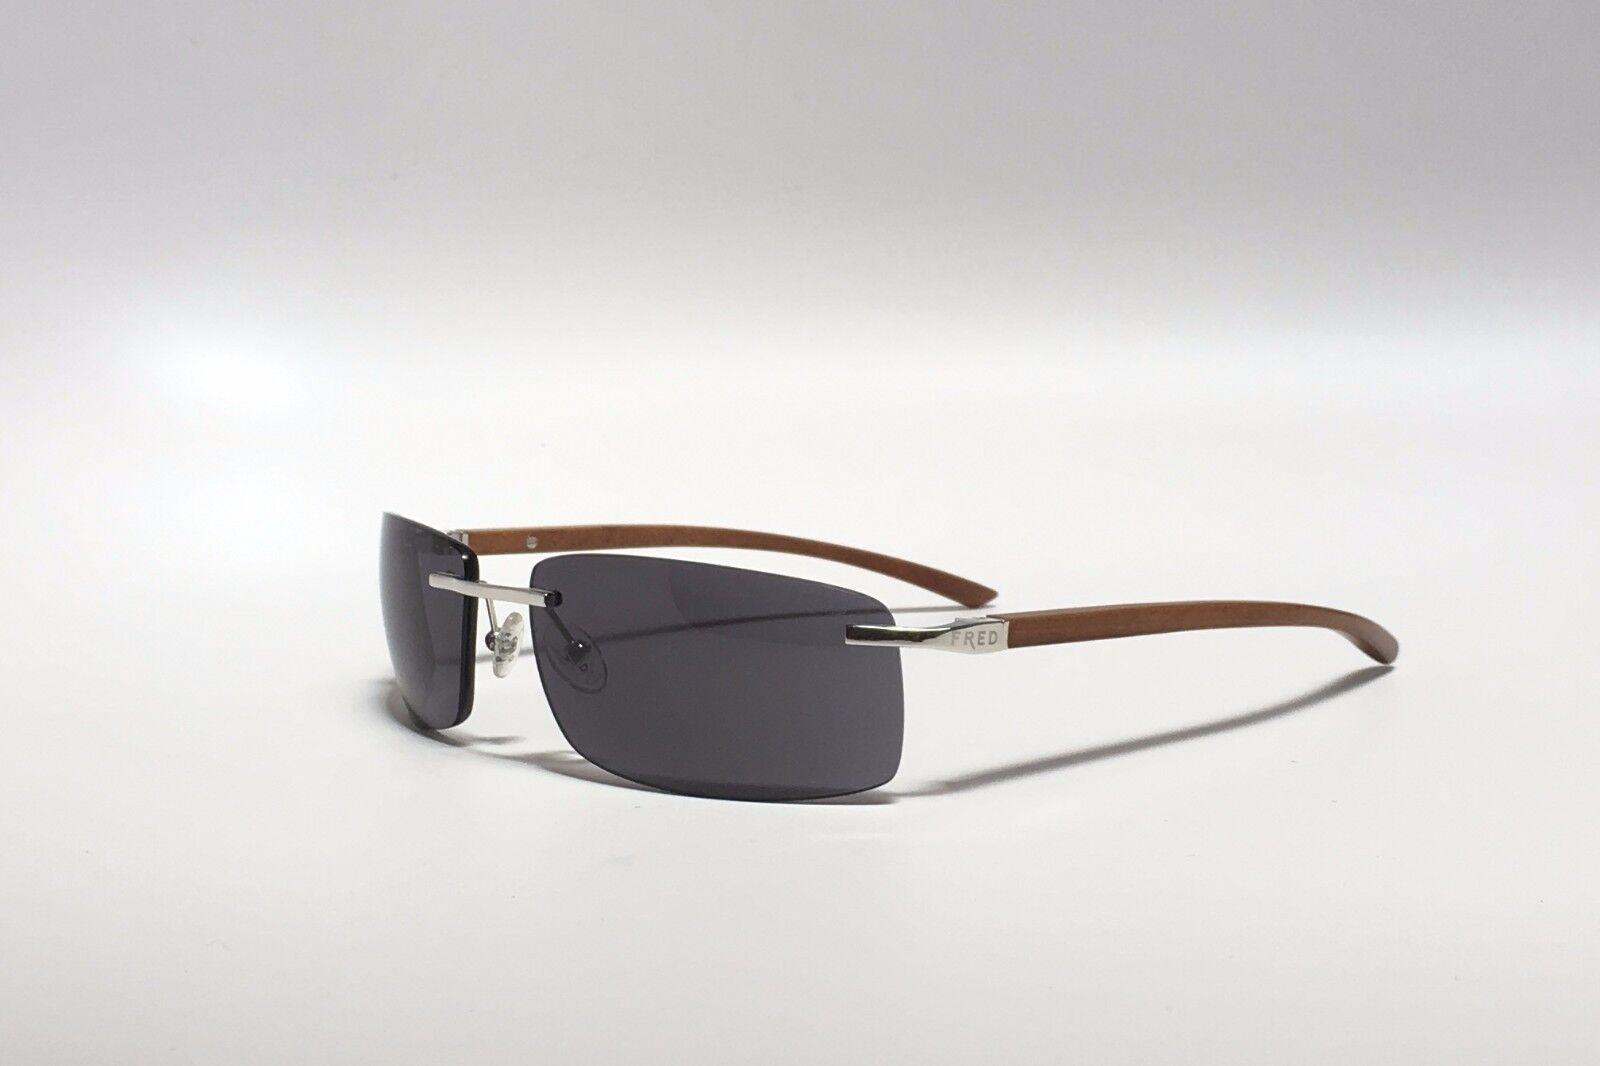 קנו אביזרים לגבר (משקפיים, חגורות ועוד)   FRED Lunettes Sunglasses ELLESMERE  SUN 112 F2 Mahogany Plat Hand Made In France c4ad77470763